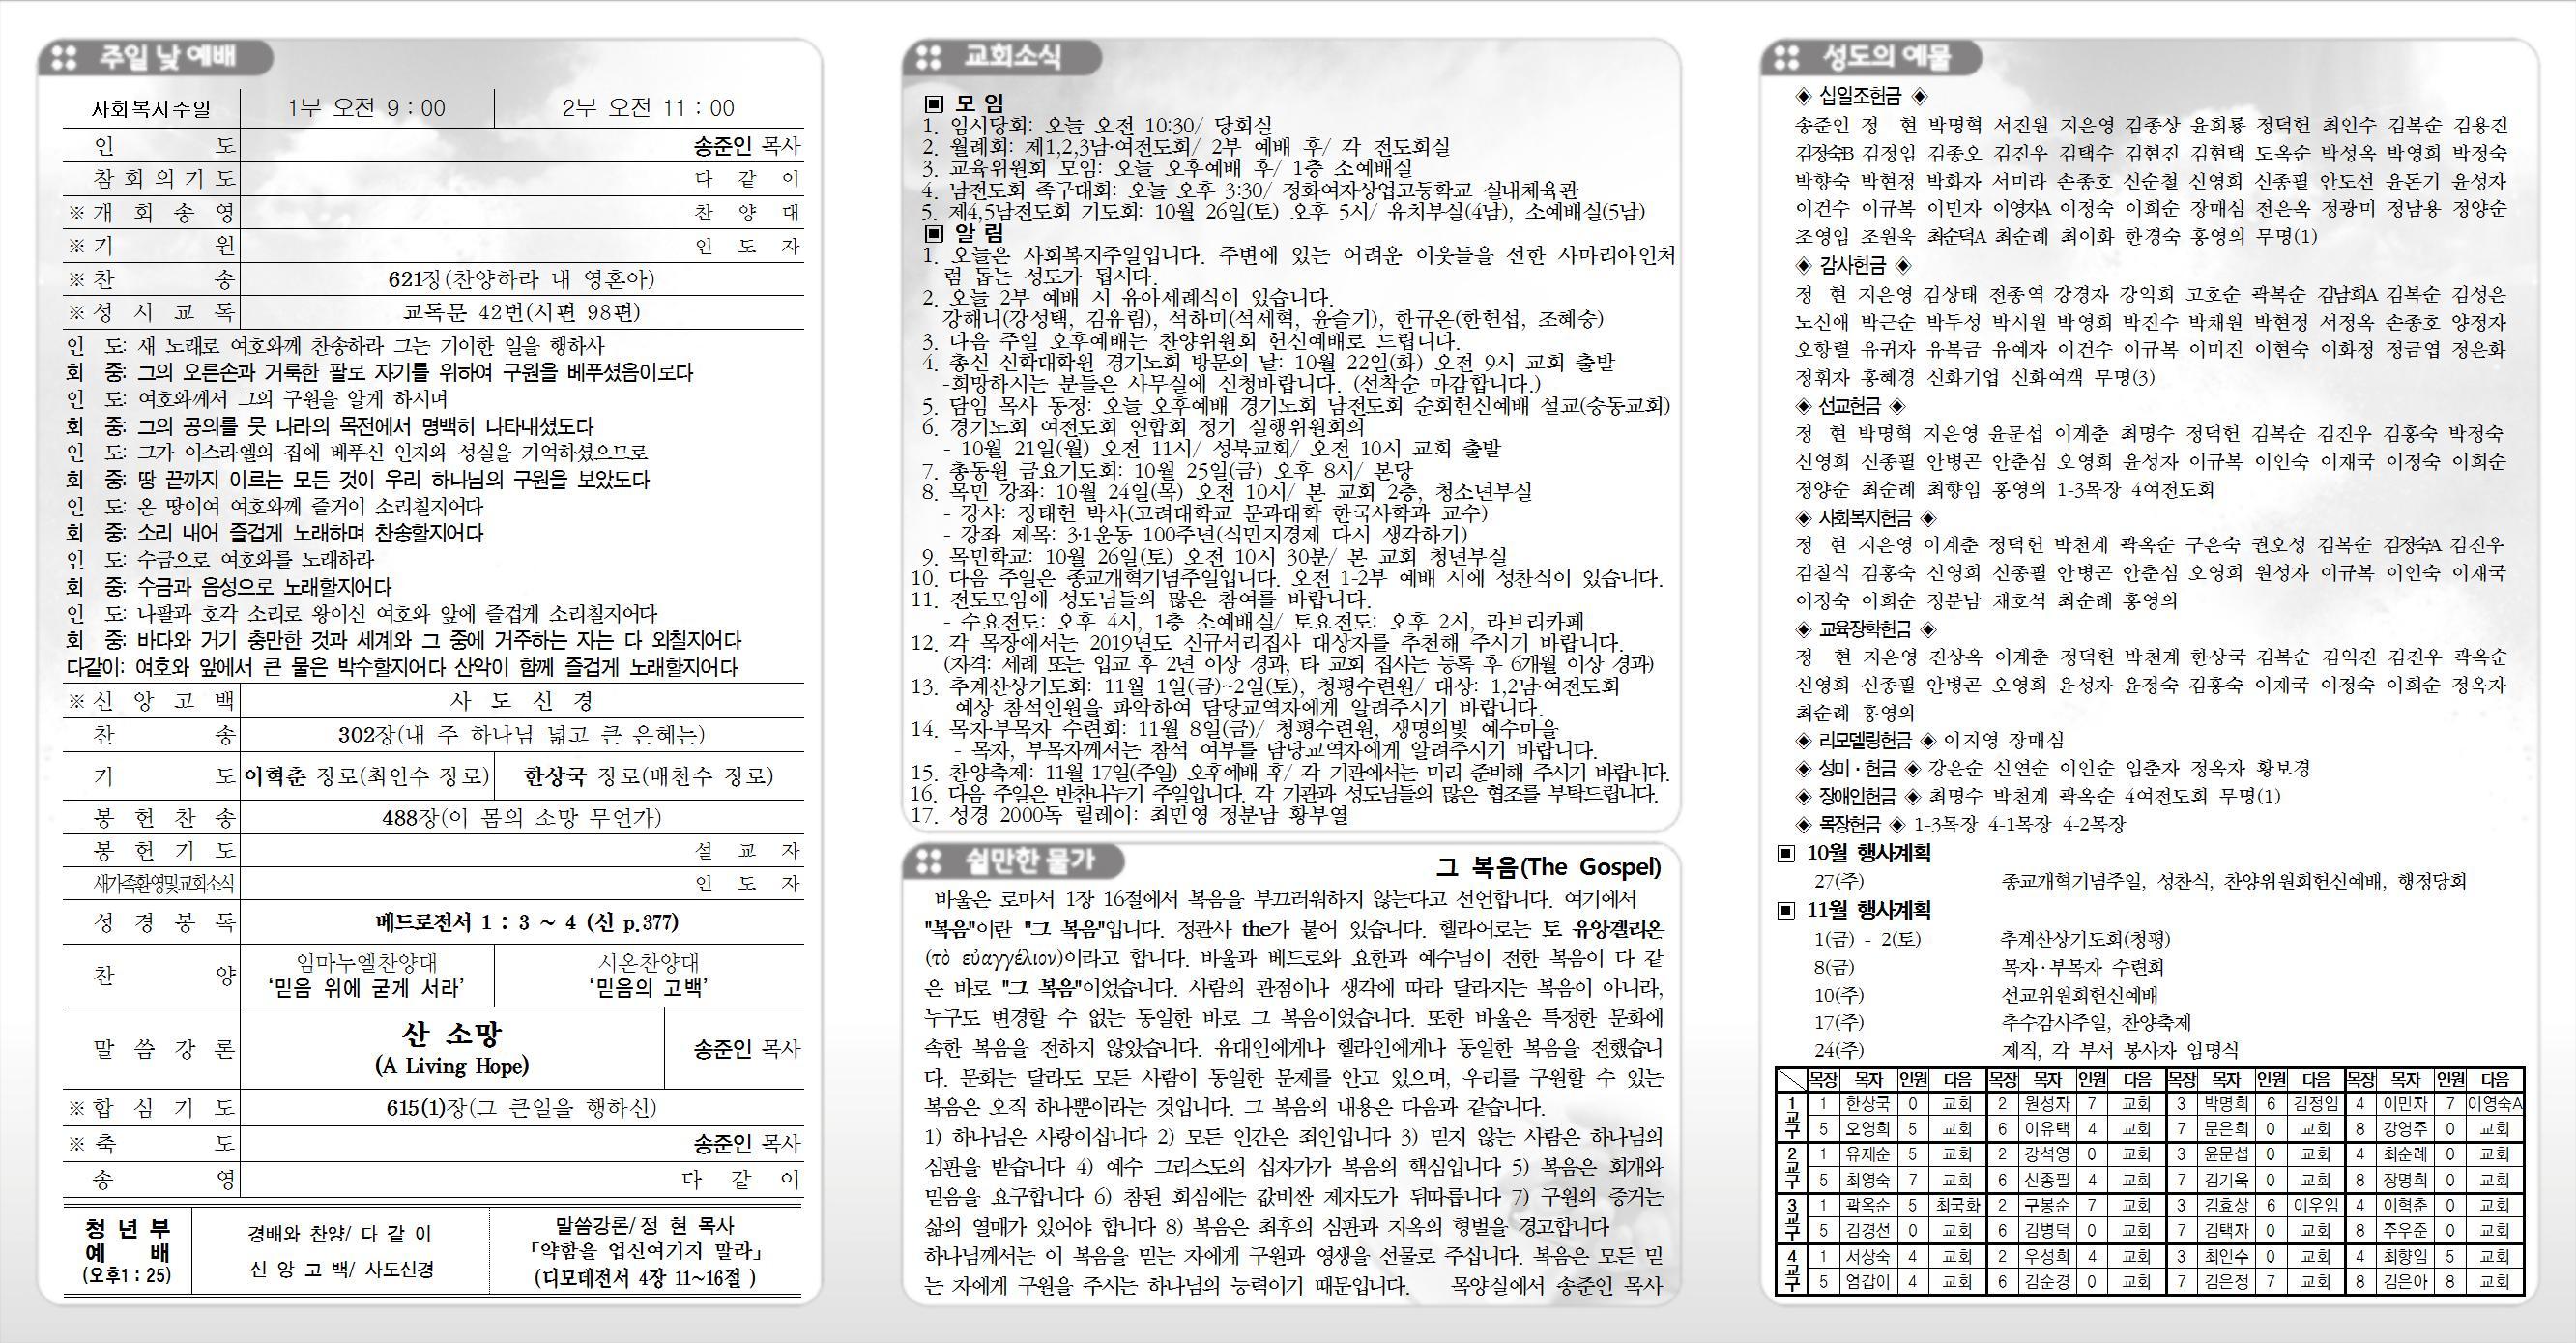 20191020청량주보(광고면)001.jpg